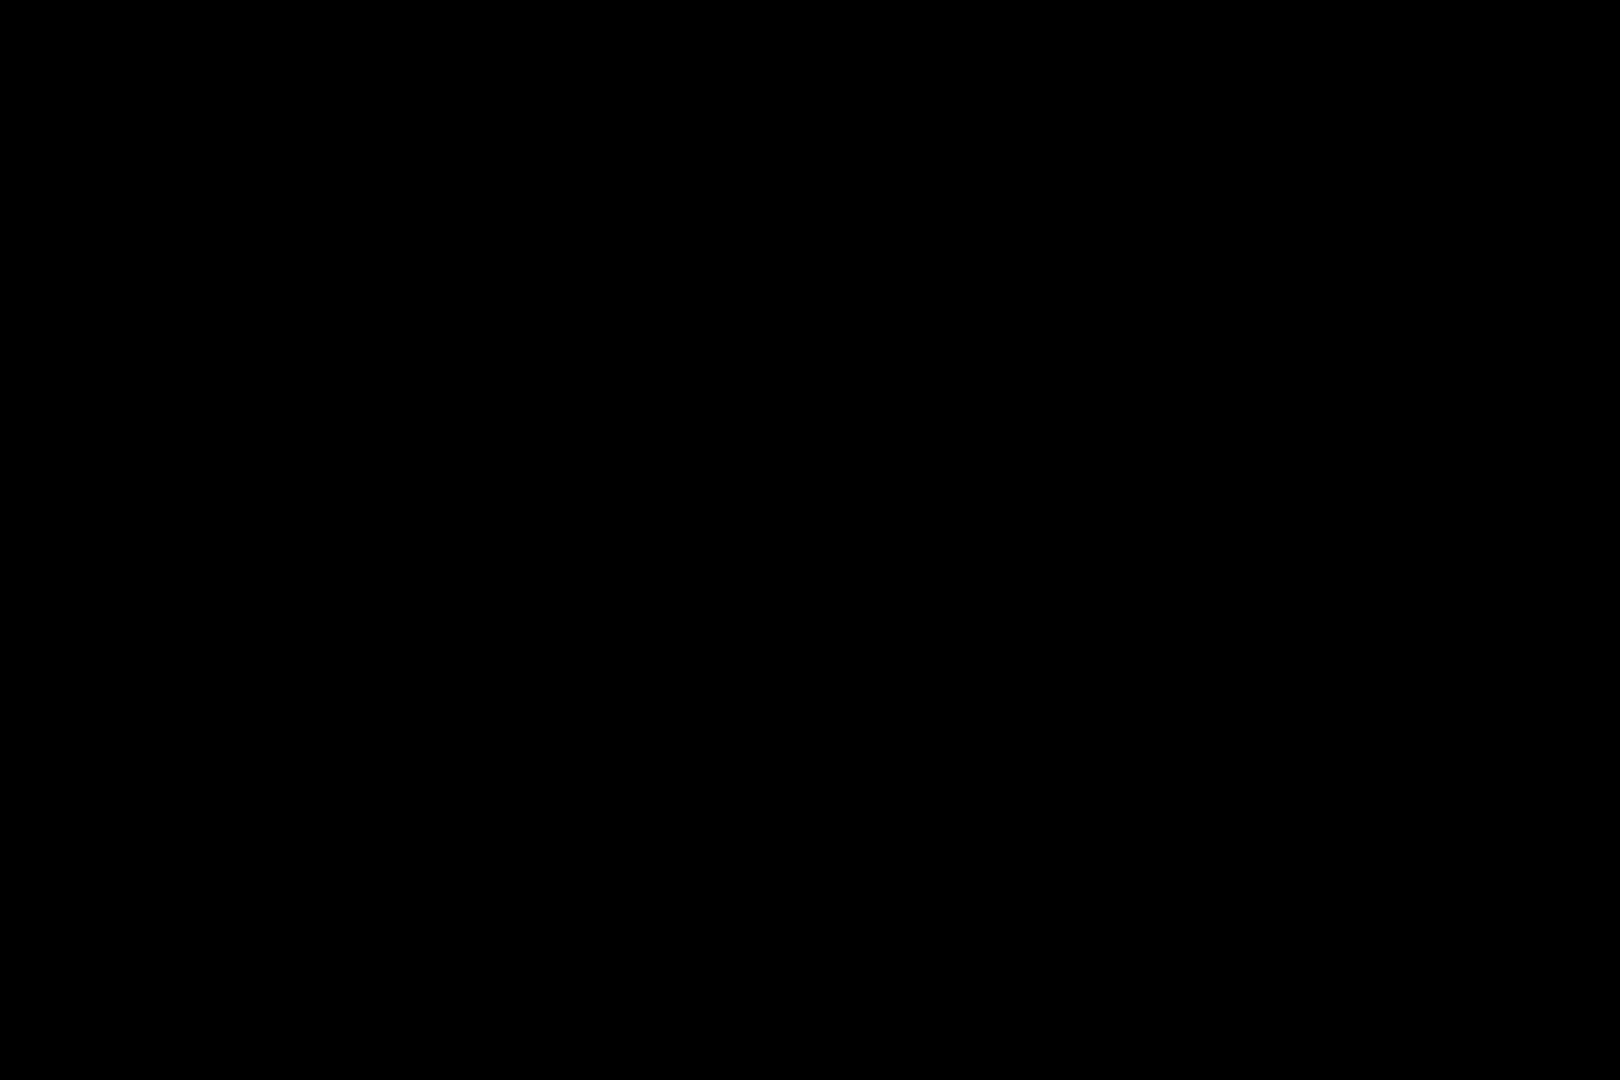 三ツ星シリーズ 魅惑のMemorial Night!! vol.03 三ツ星シリーズ ゲイフリーエロ画像 79画像 54